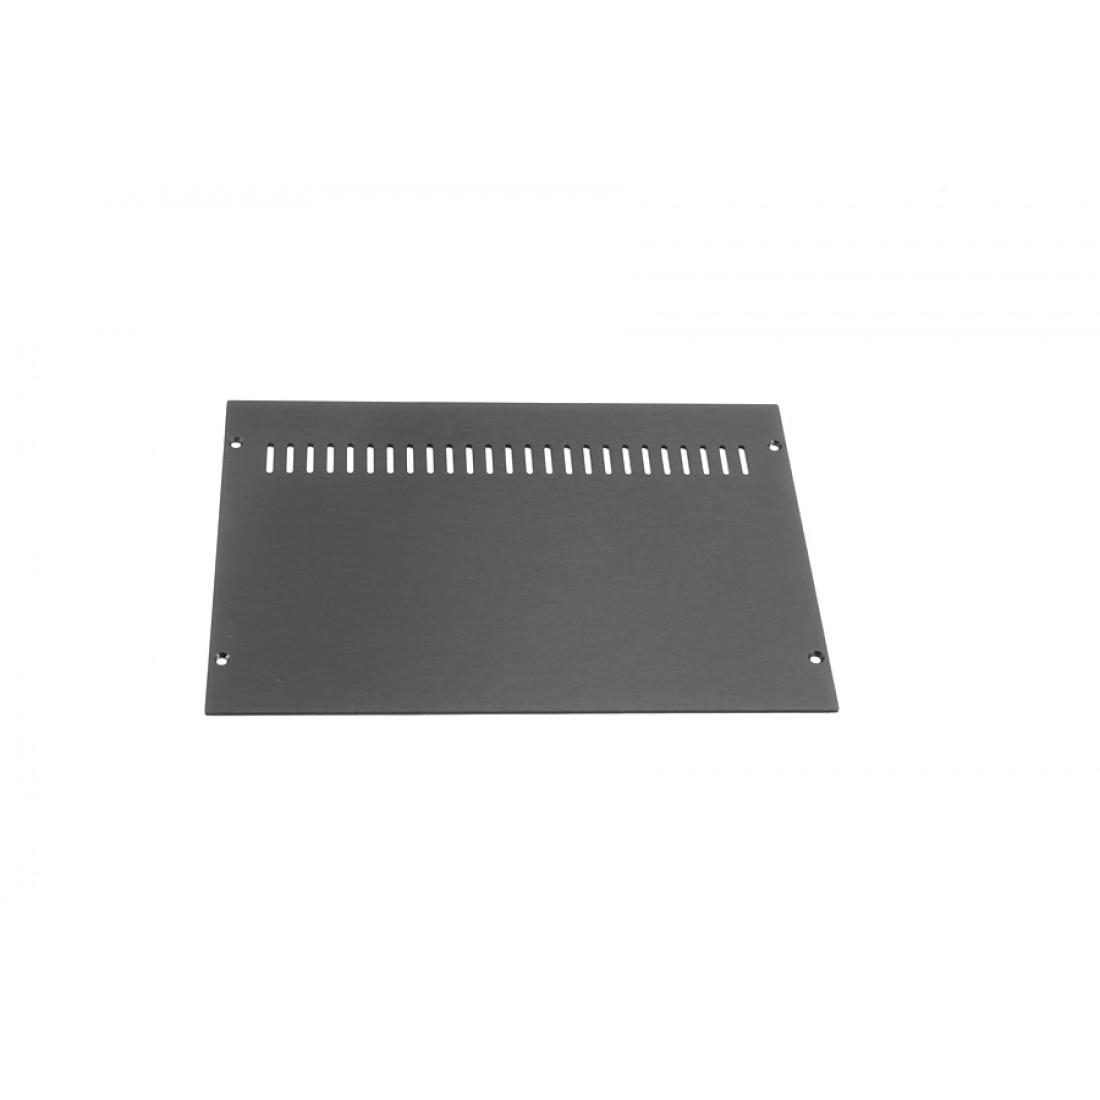 1NGXA247N - 1U Galaxy krabice, 230 x 170 x 40mm, 10mm panel černý